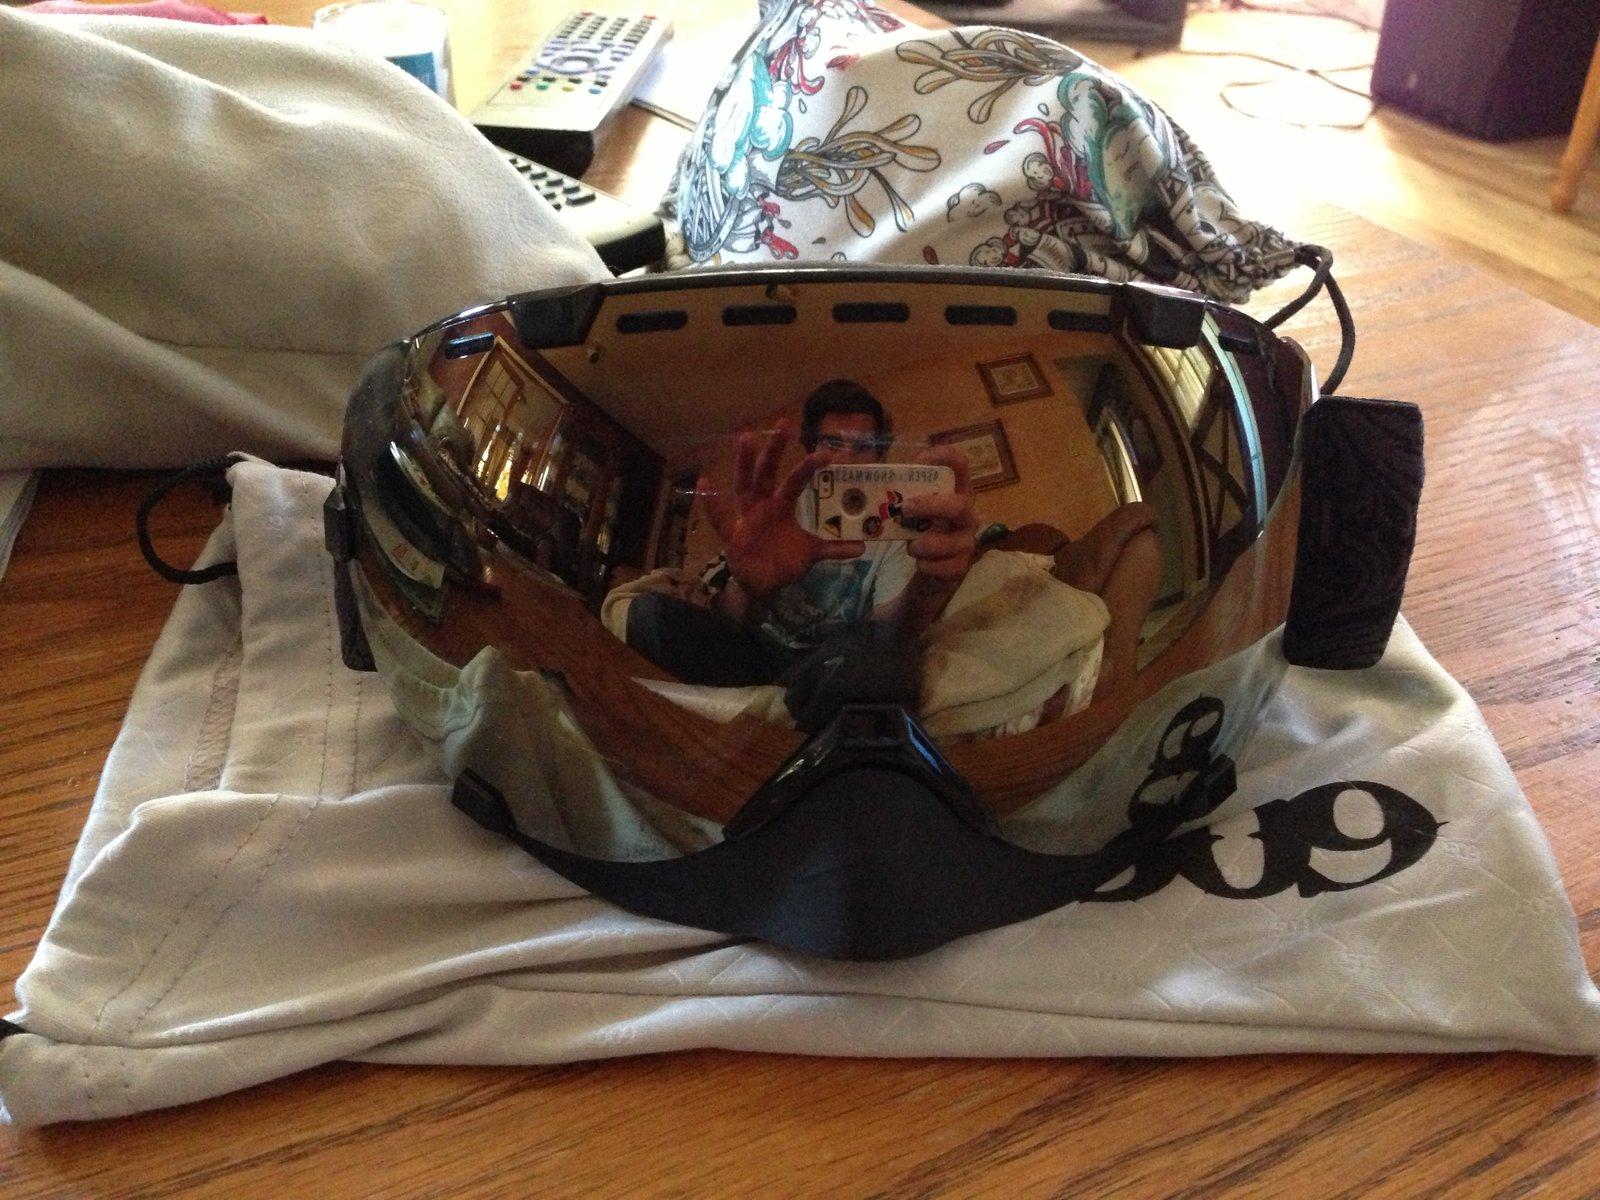 509 goggles